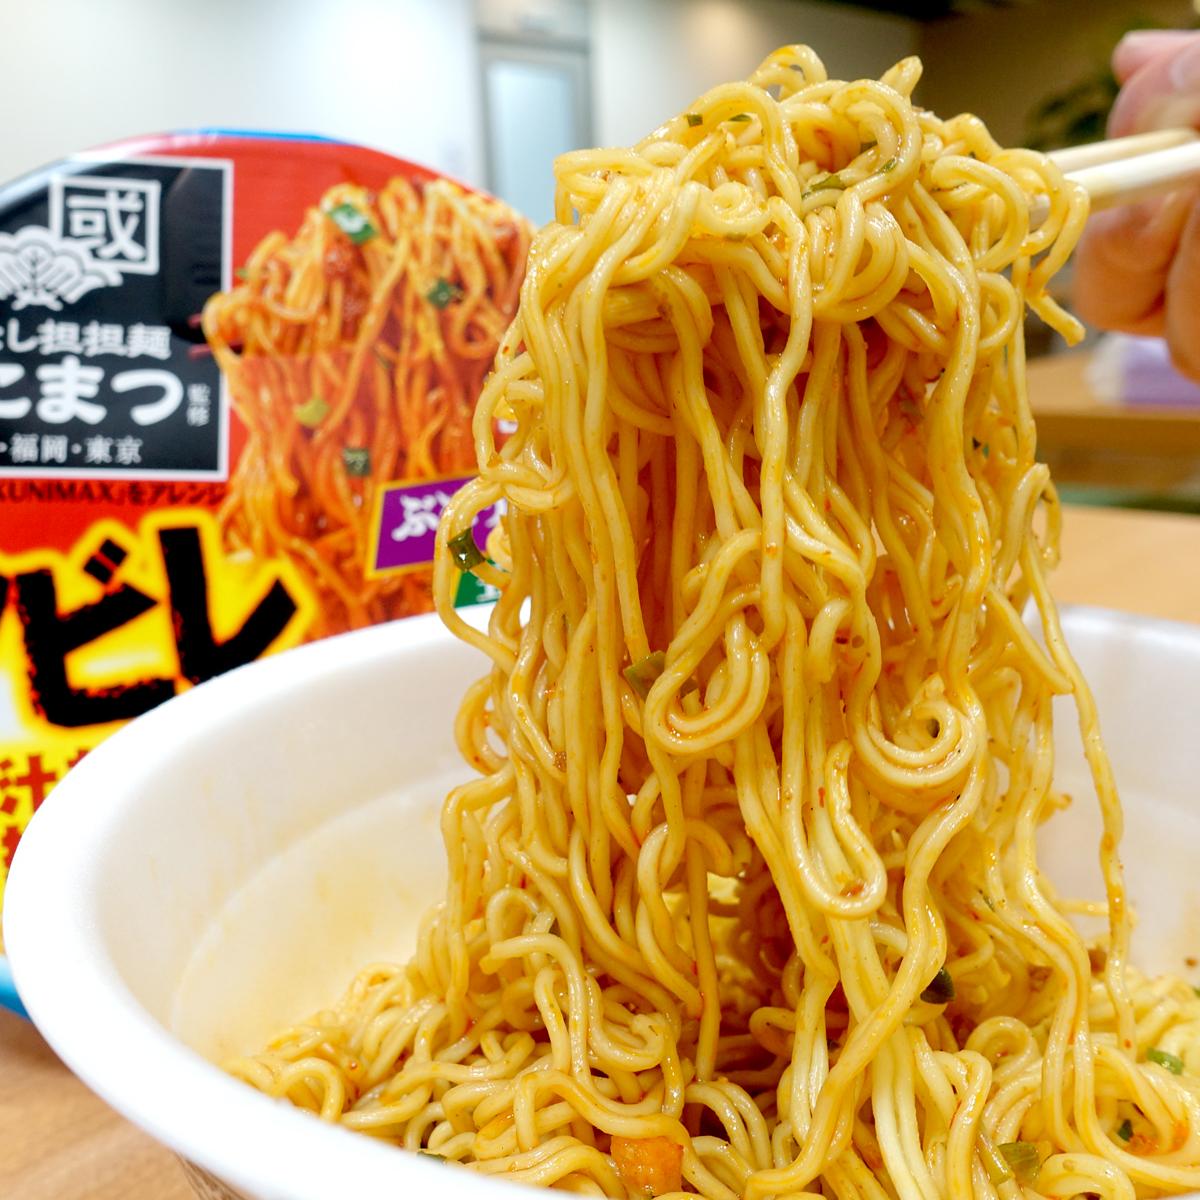 「激シビMAX 食べてみんさい!」広島汁なし担担麺、お店とカップ麺をガチンコ比較